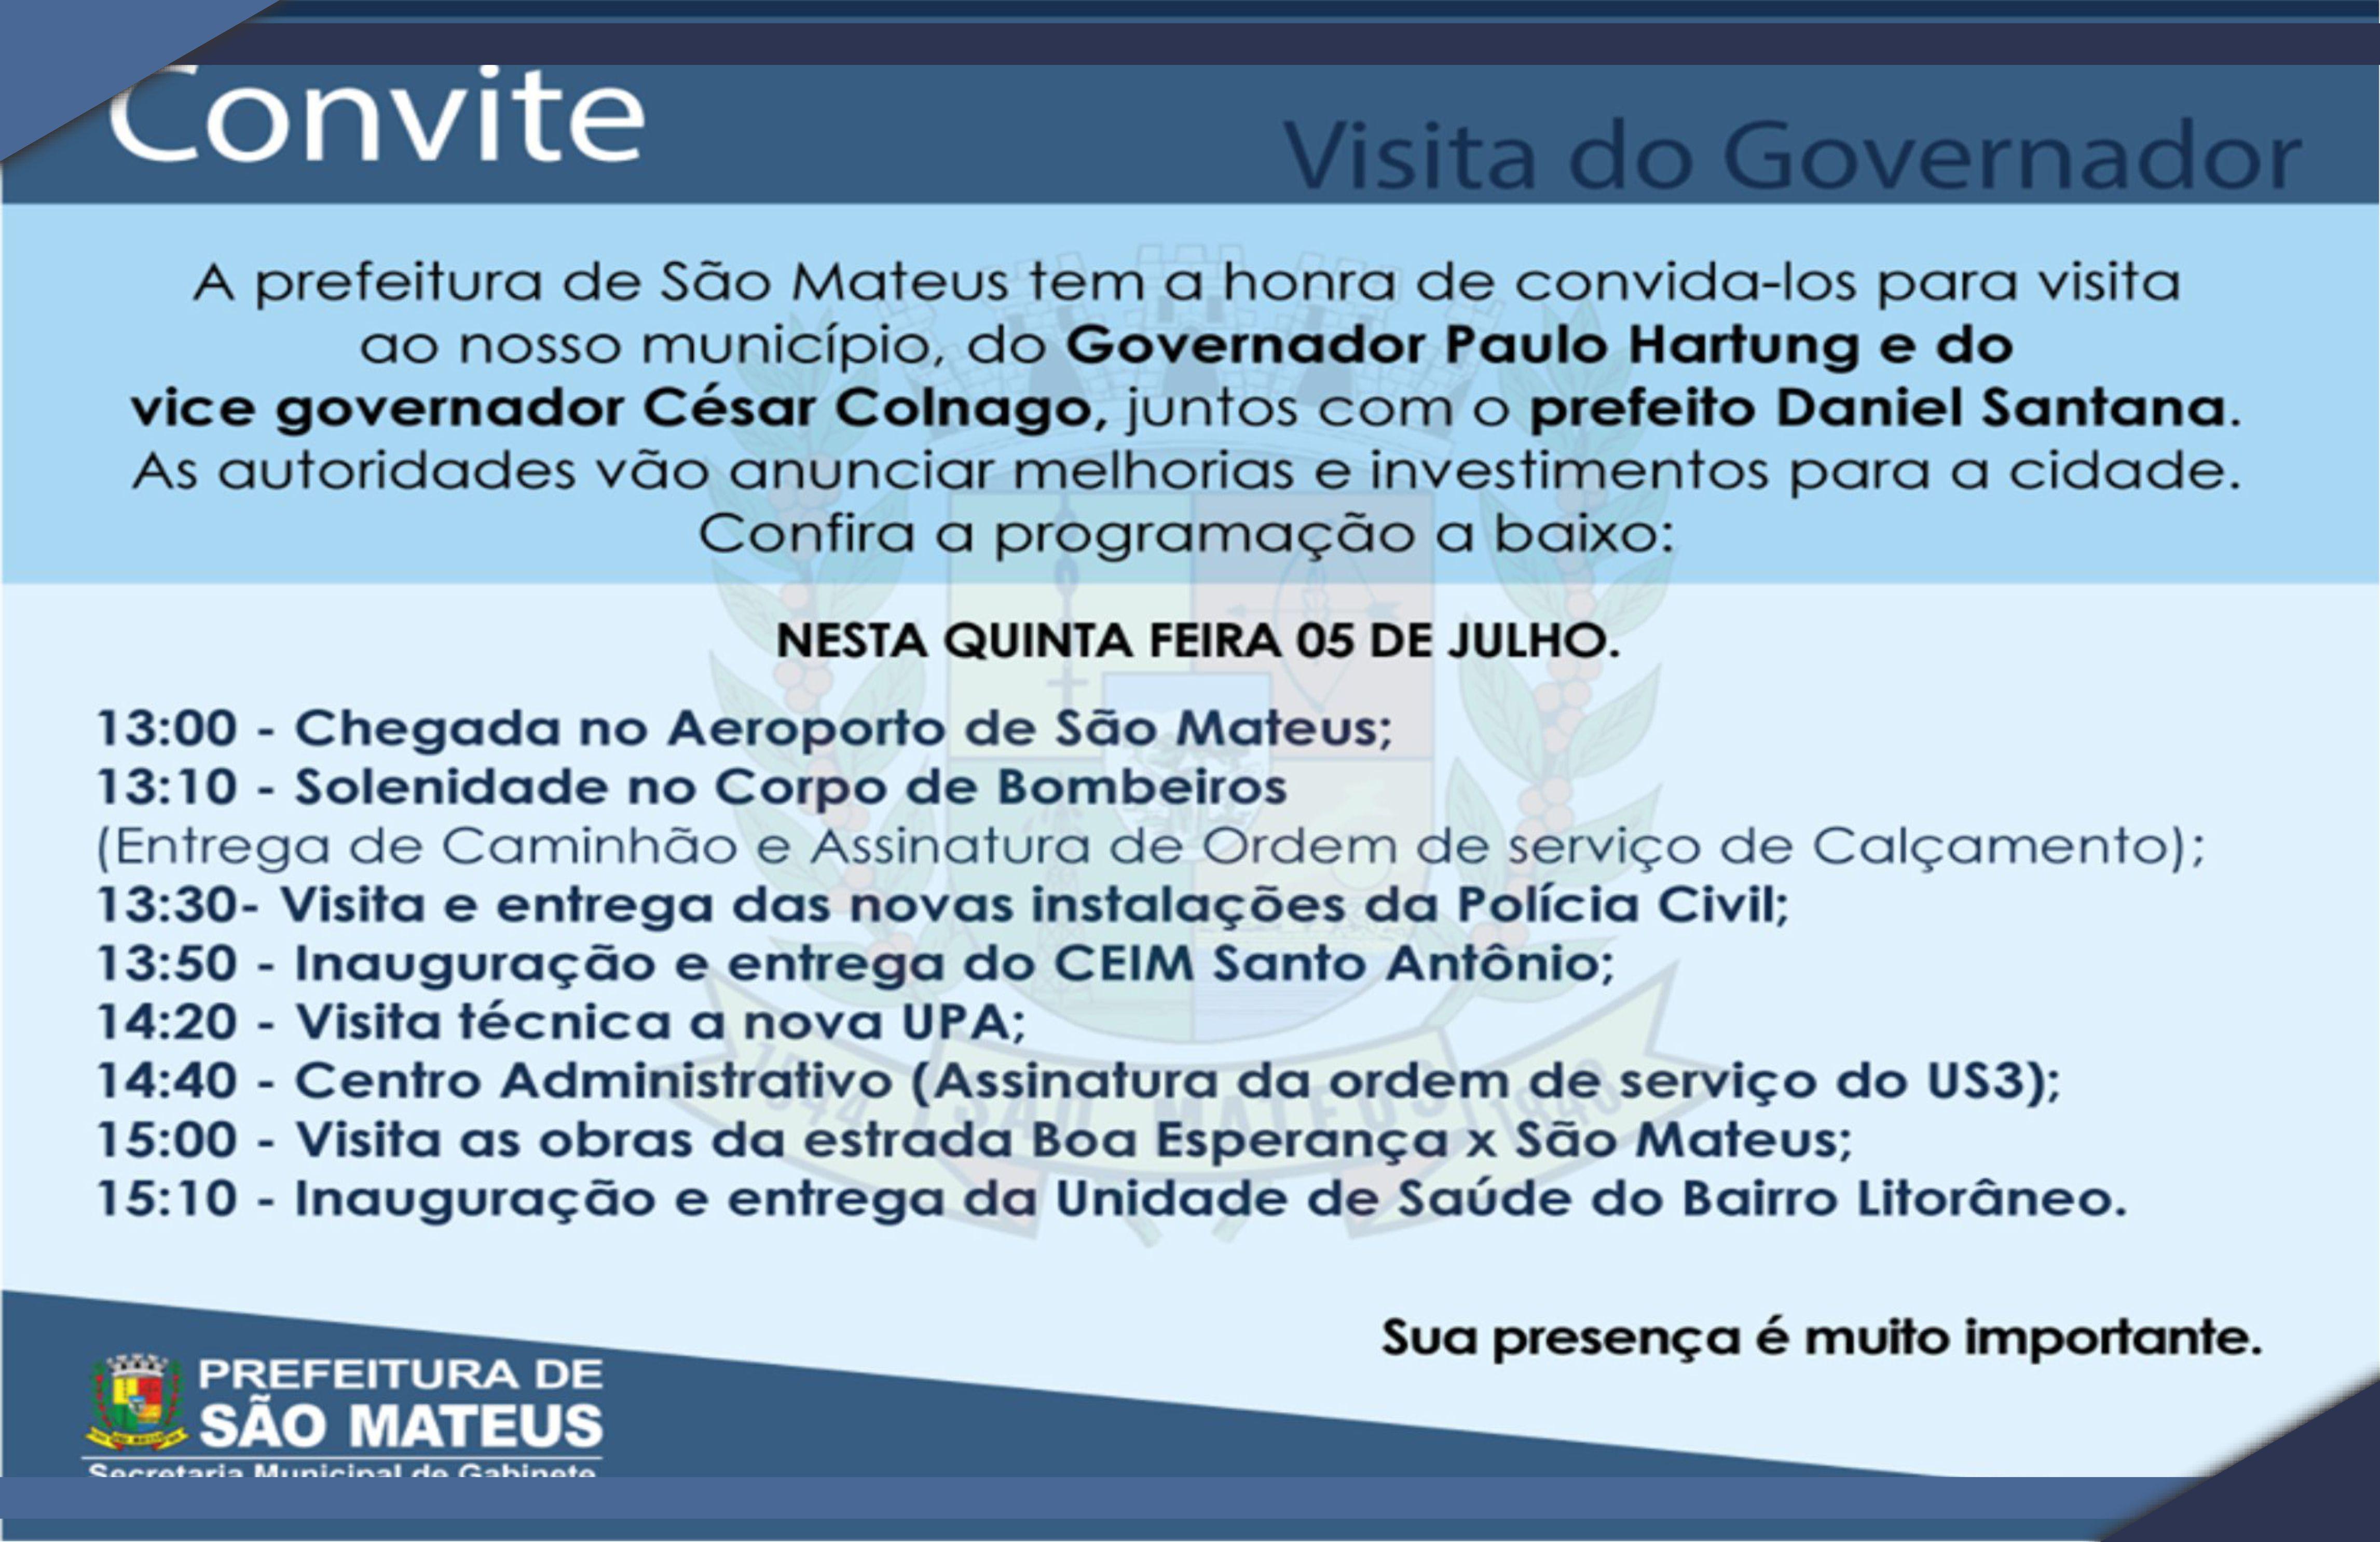 Visita do Governador Paulo Hartung nessa quinta-feira (05) para assinatura de ordens de serviços